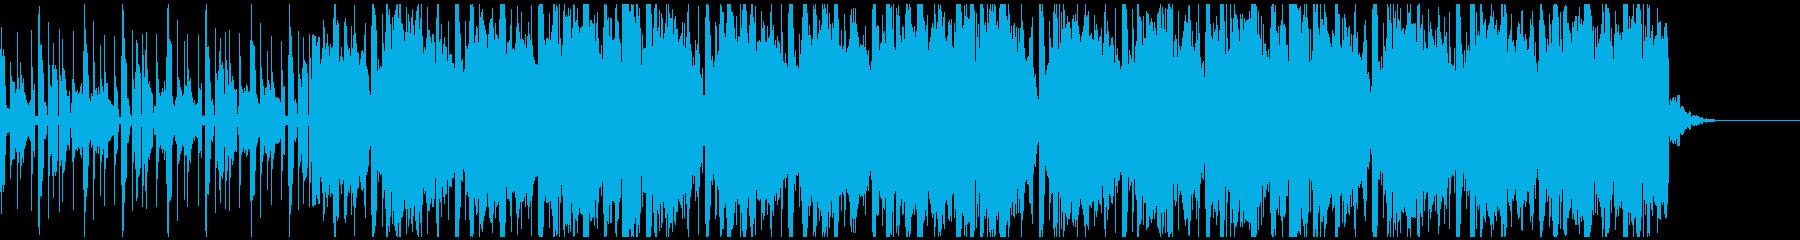 グリッチホップ感をだしたエレクトロですの再生済みの波形